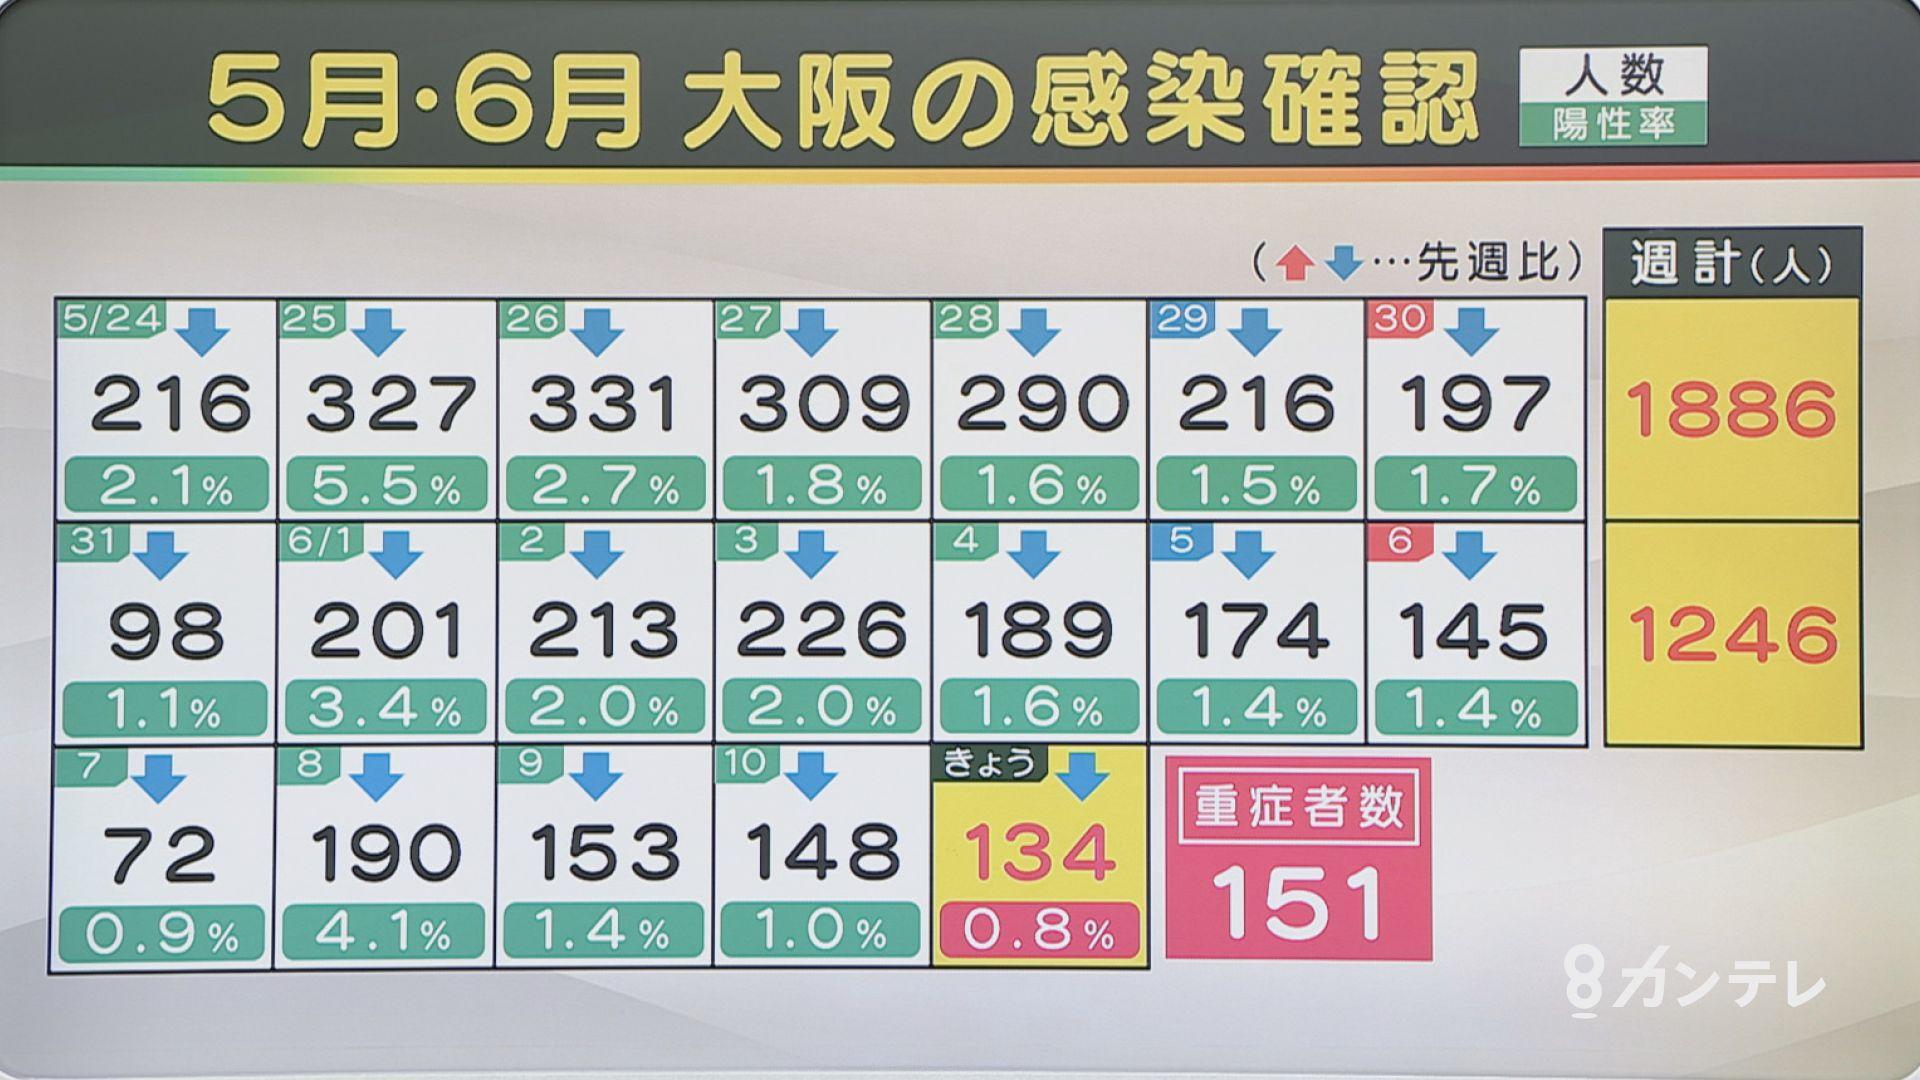 【速報】大阪で新たに134人の感染確認 感染者11人が死亡